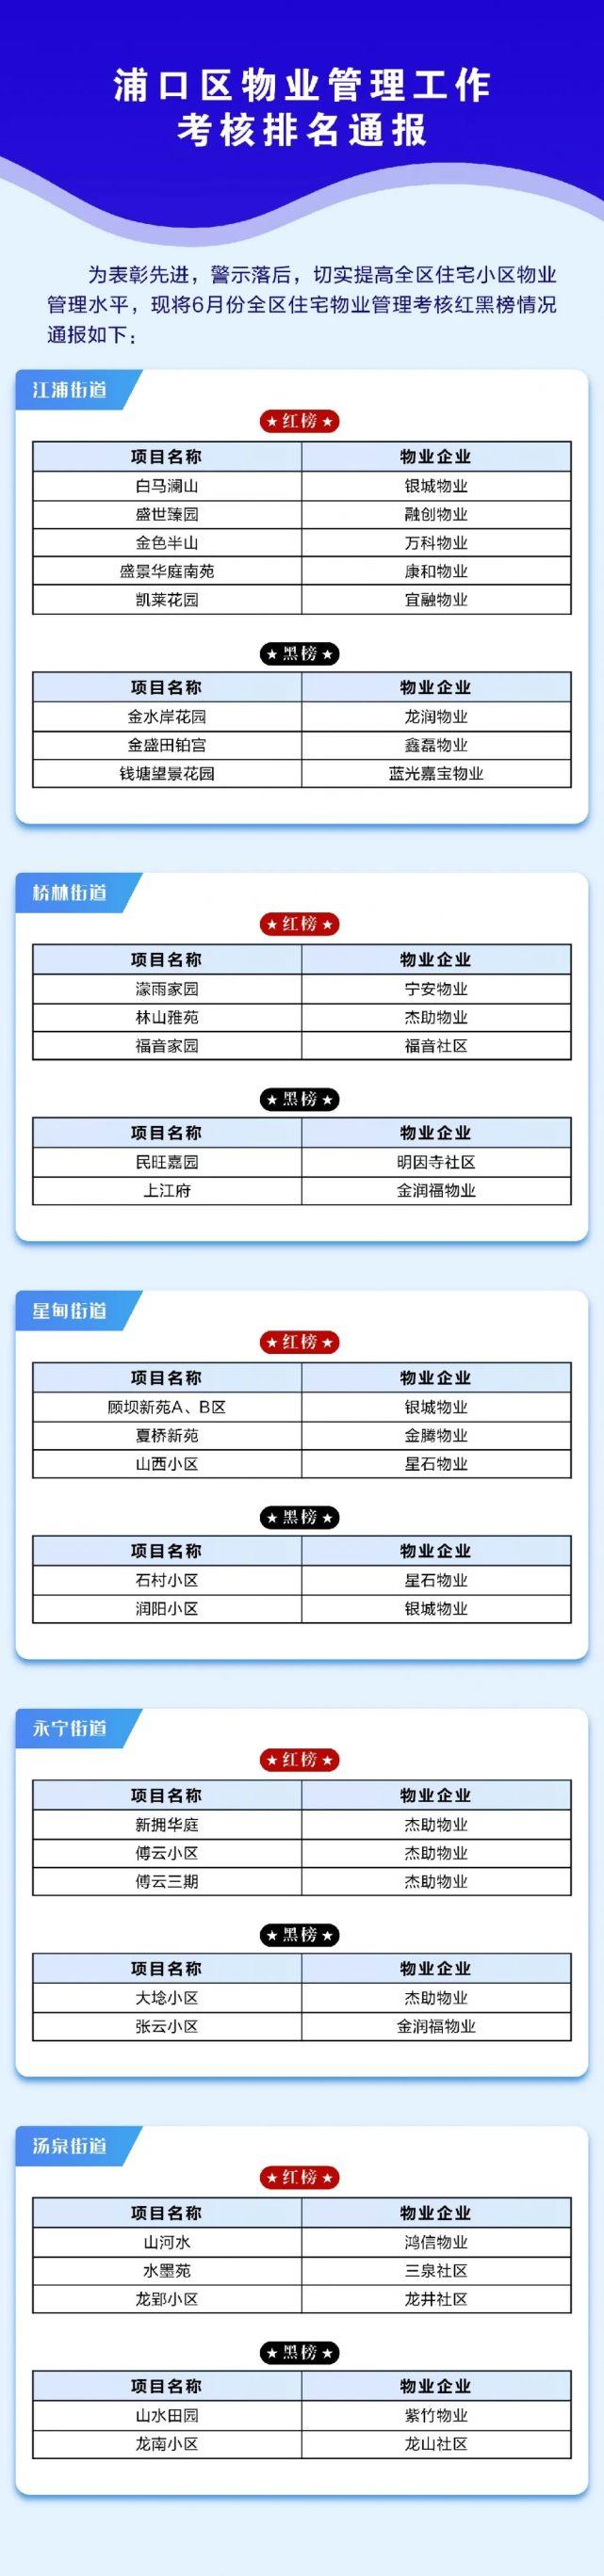 南京浦口區公布6月物業考核紅